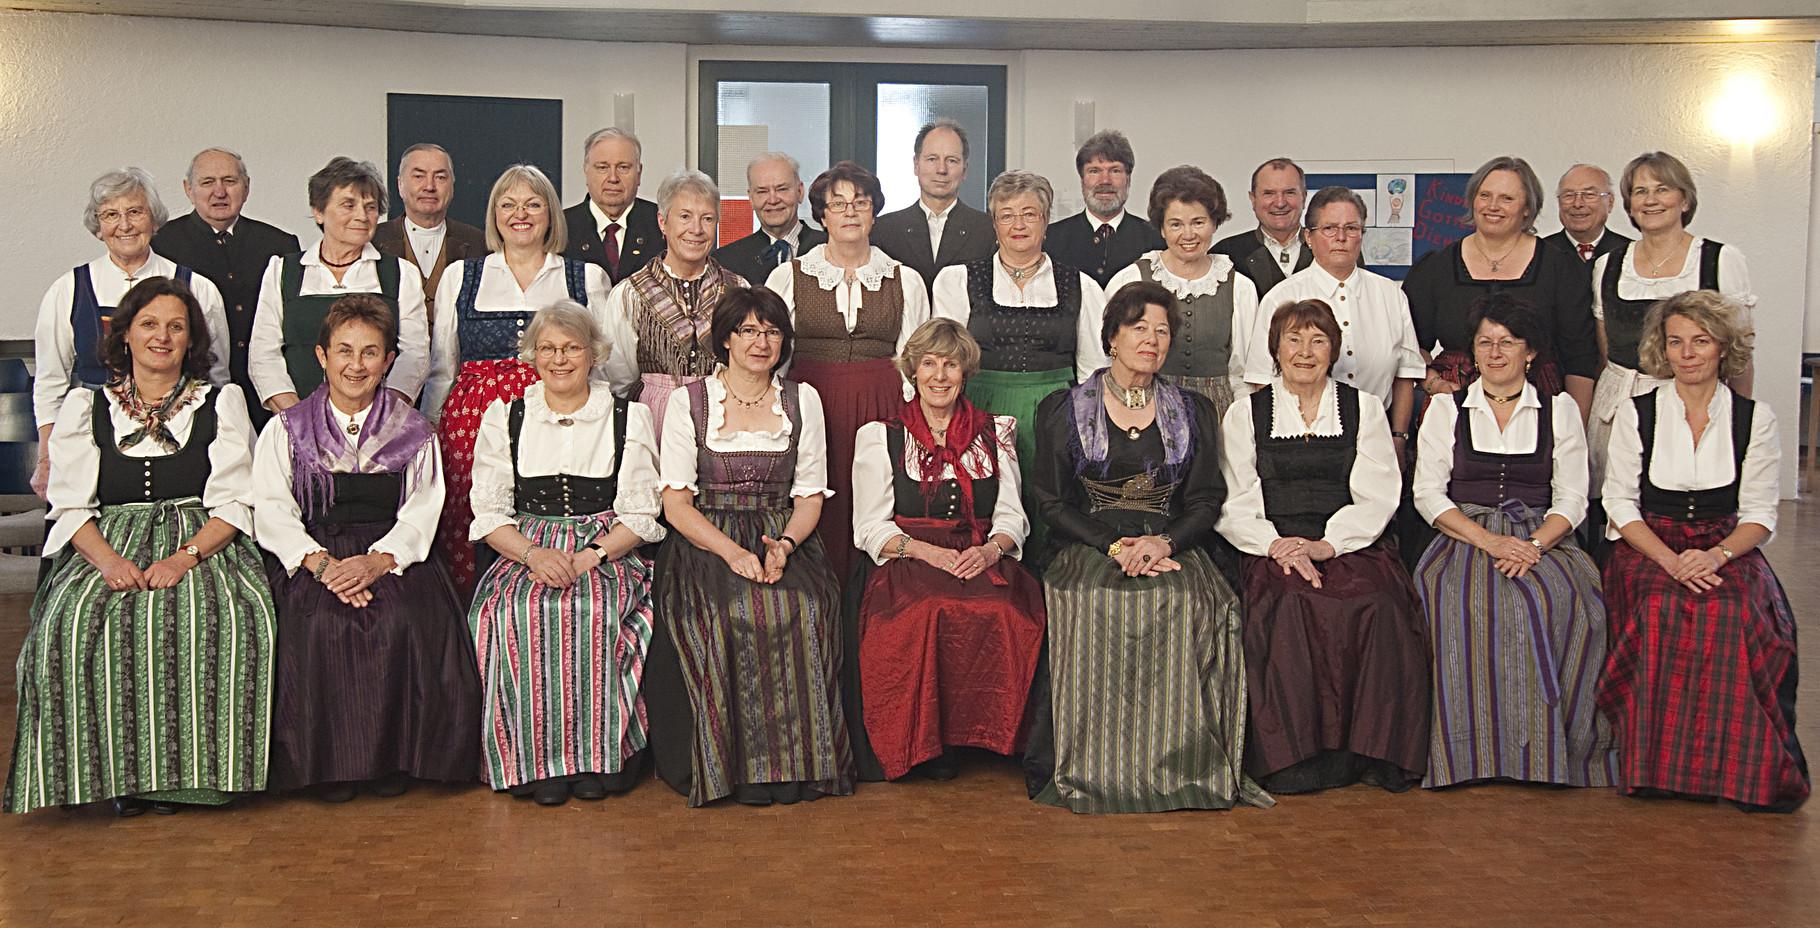 2010 - Vor dem Alpenländisches Adventssingen in der Evangelischen Kirche in Grafing